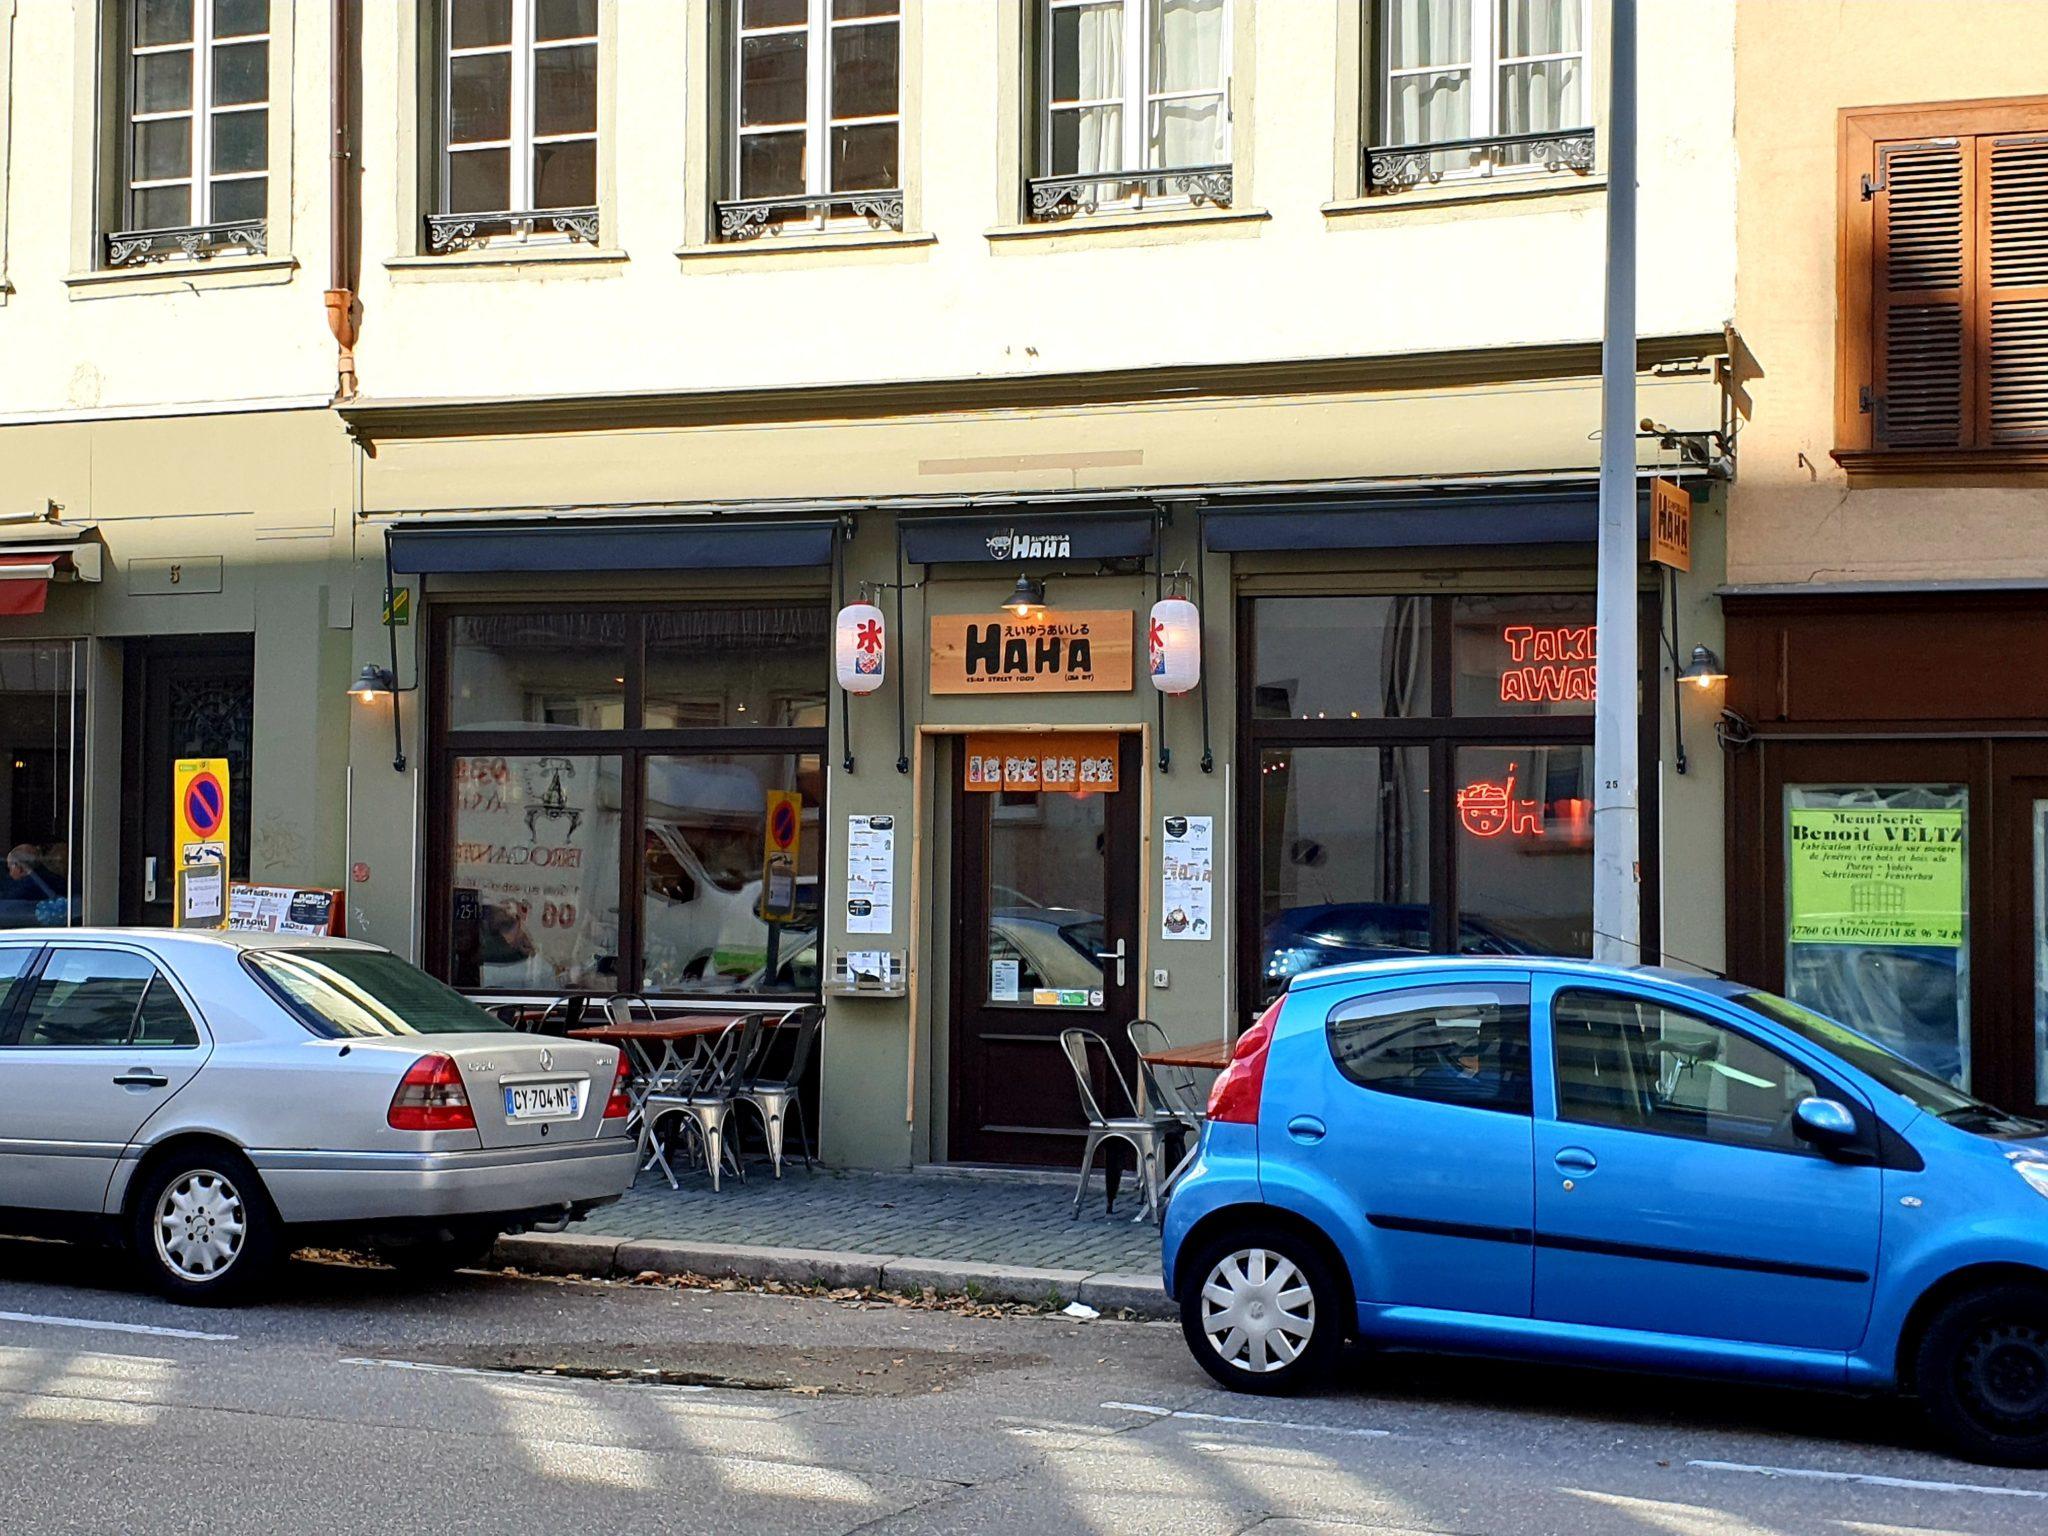 Kapoue Test N 172 Haha Street Food Asiatique A Strasbourg